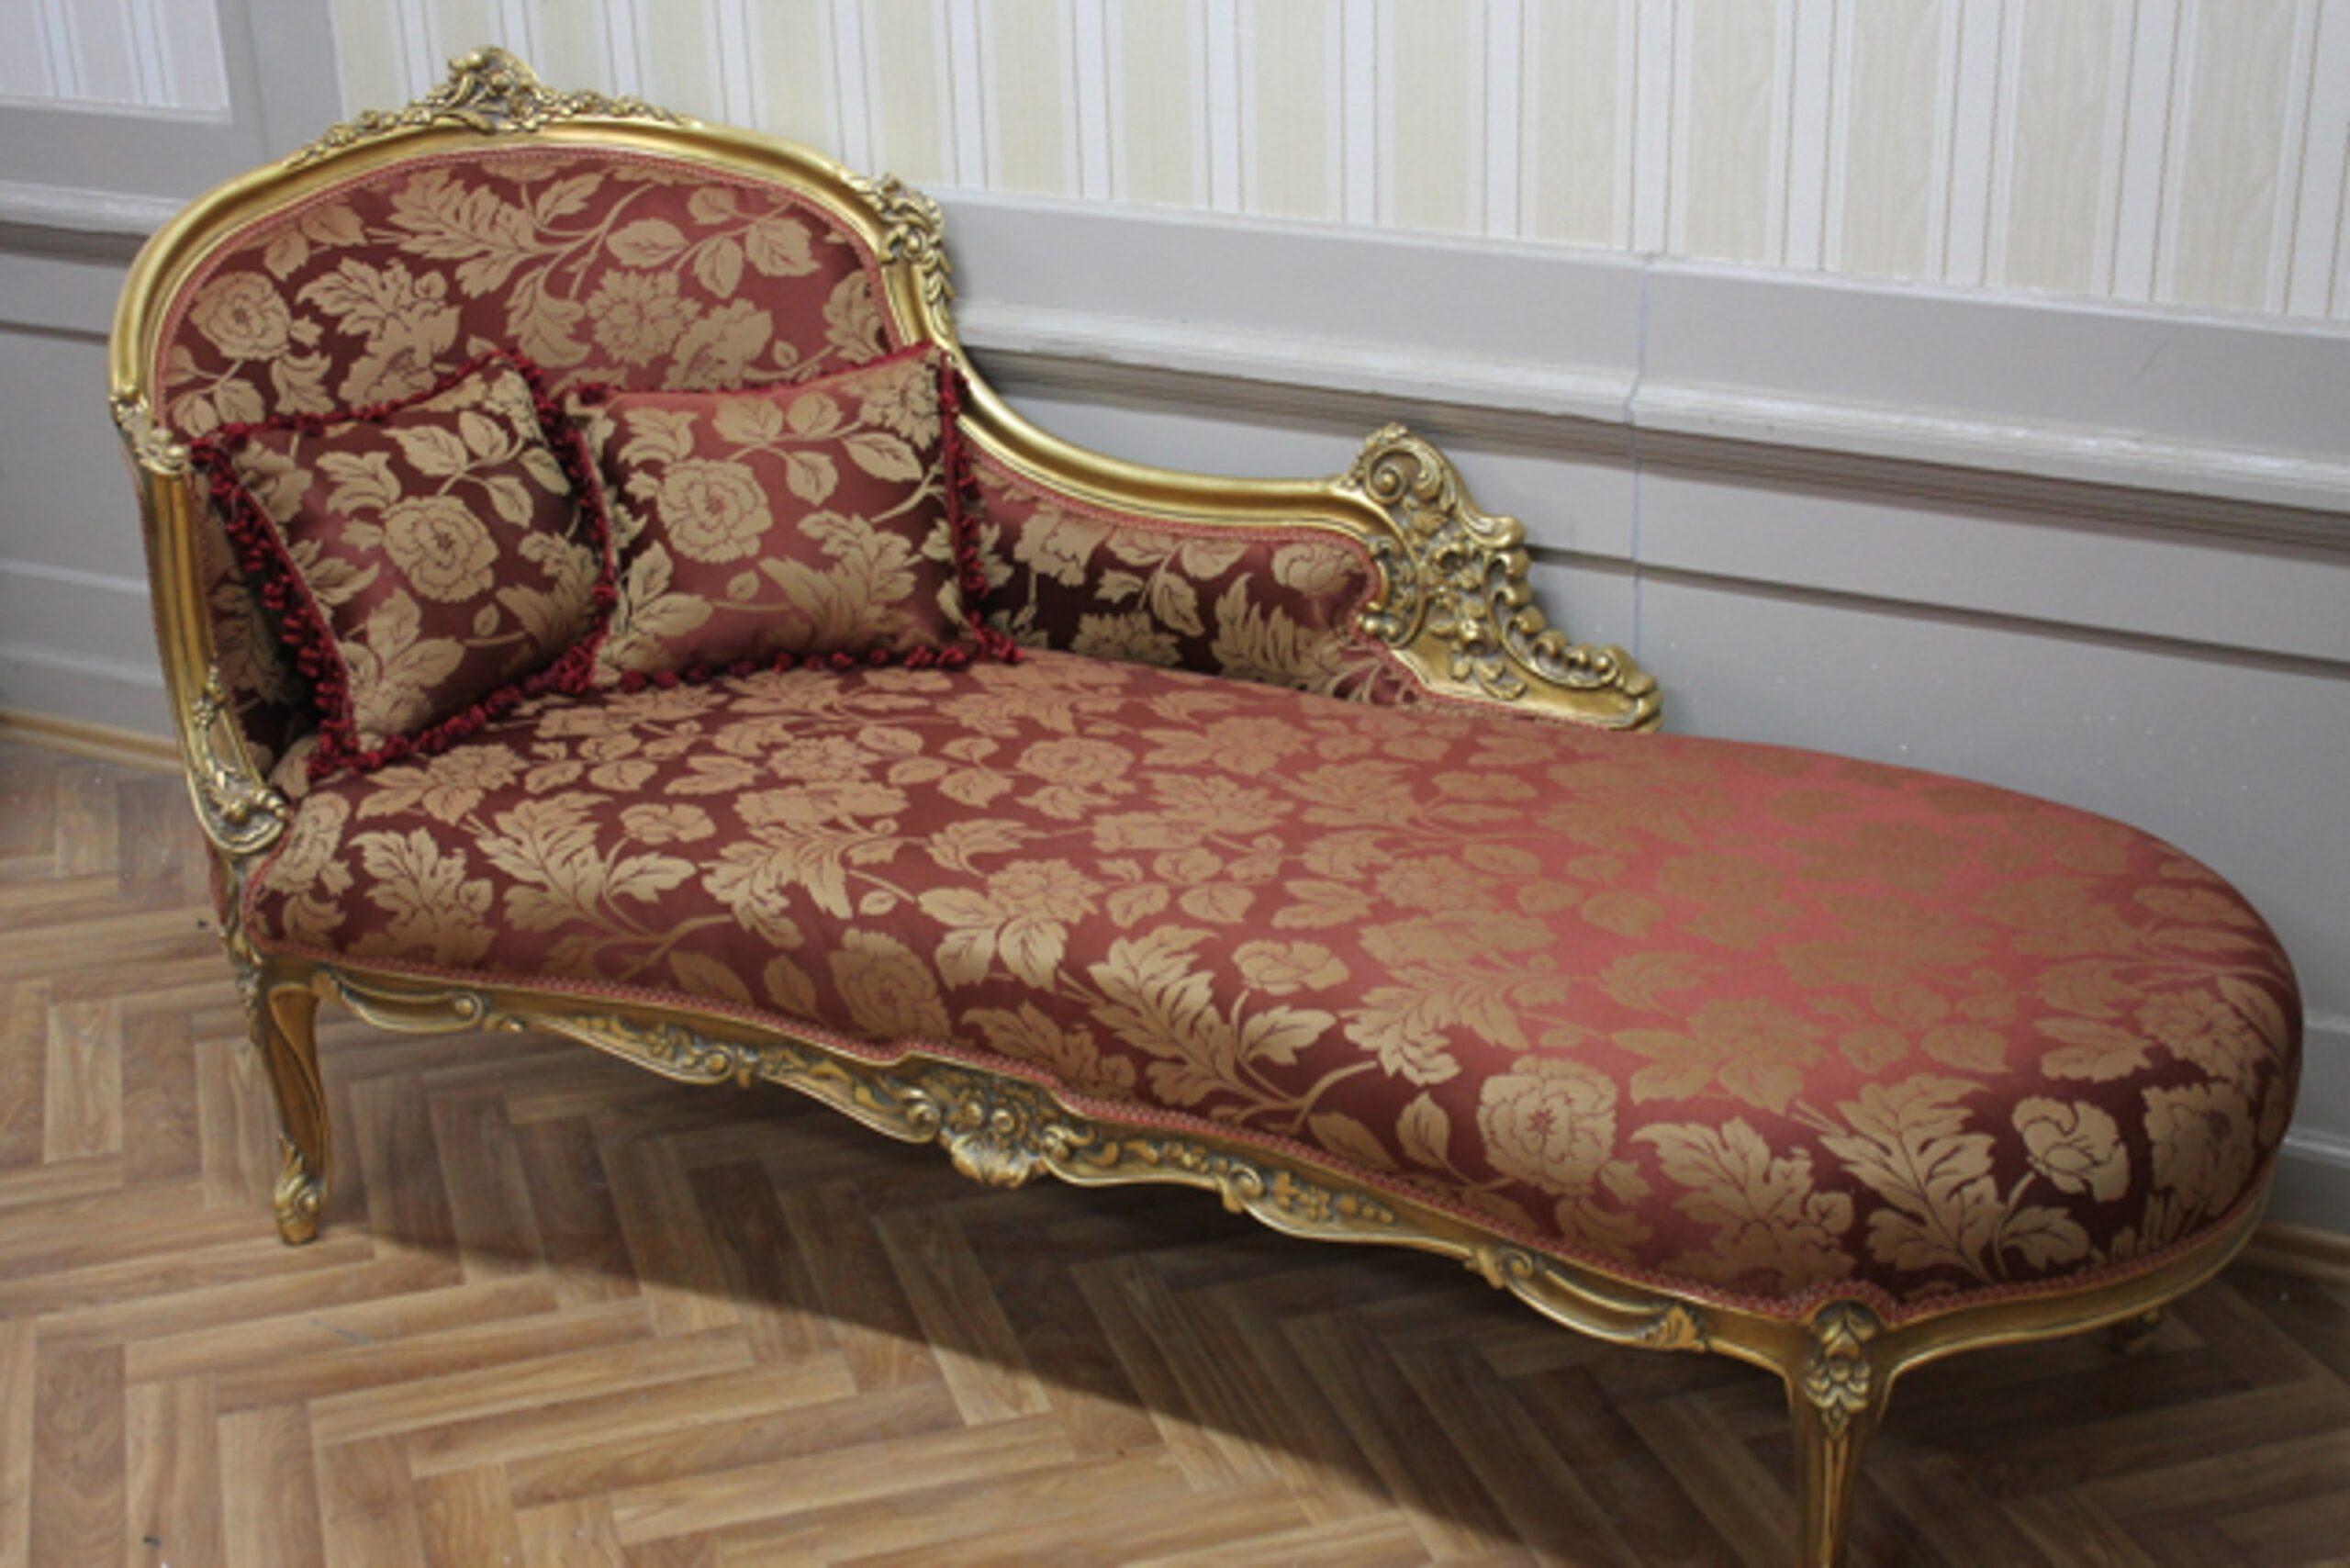 Full Size of Sofa Baroque Style Barockstil Barock Gebraucht Kaufen Schwarz Gold Sofas Auf Raten Türkis Lederpflege U Form Terassen Led Rotes Aus Matratzen Garnitur 3 Sofa Sofa Barock